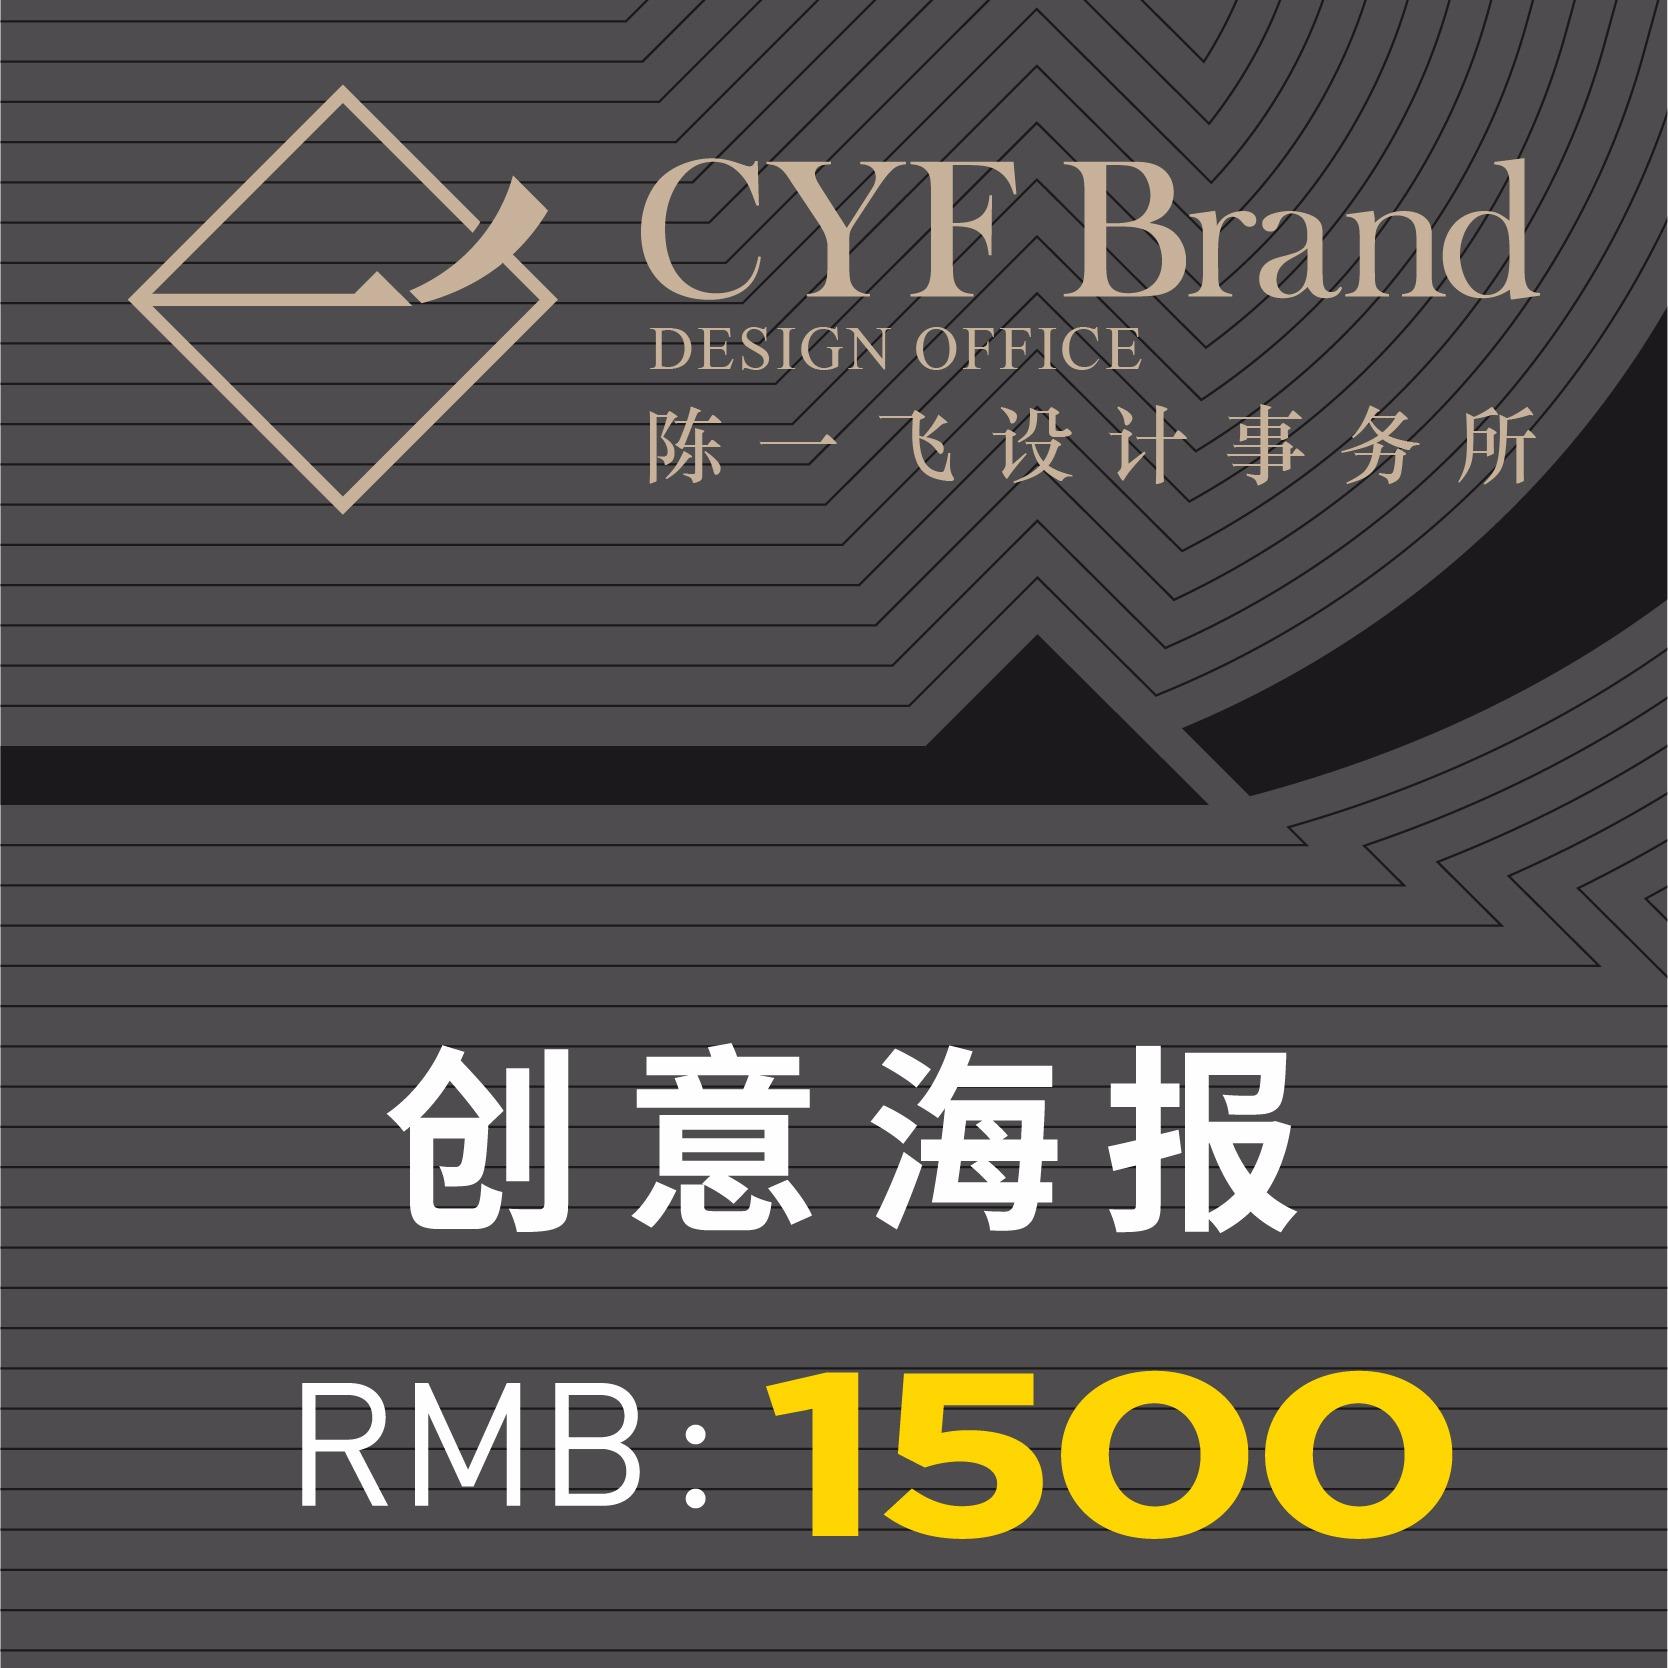 【餐饮】陈一飞海报设计公司创意广告 户外活动品牌宣传海报设计